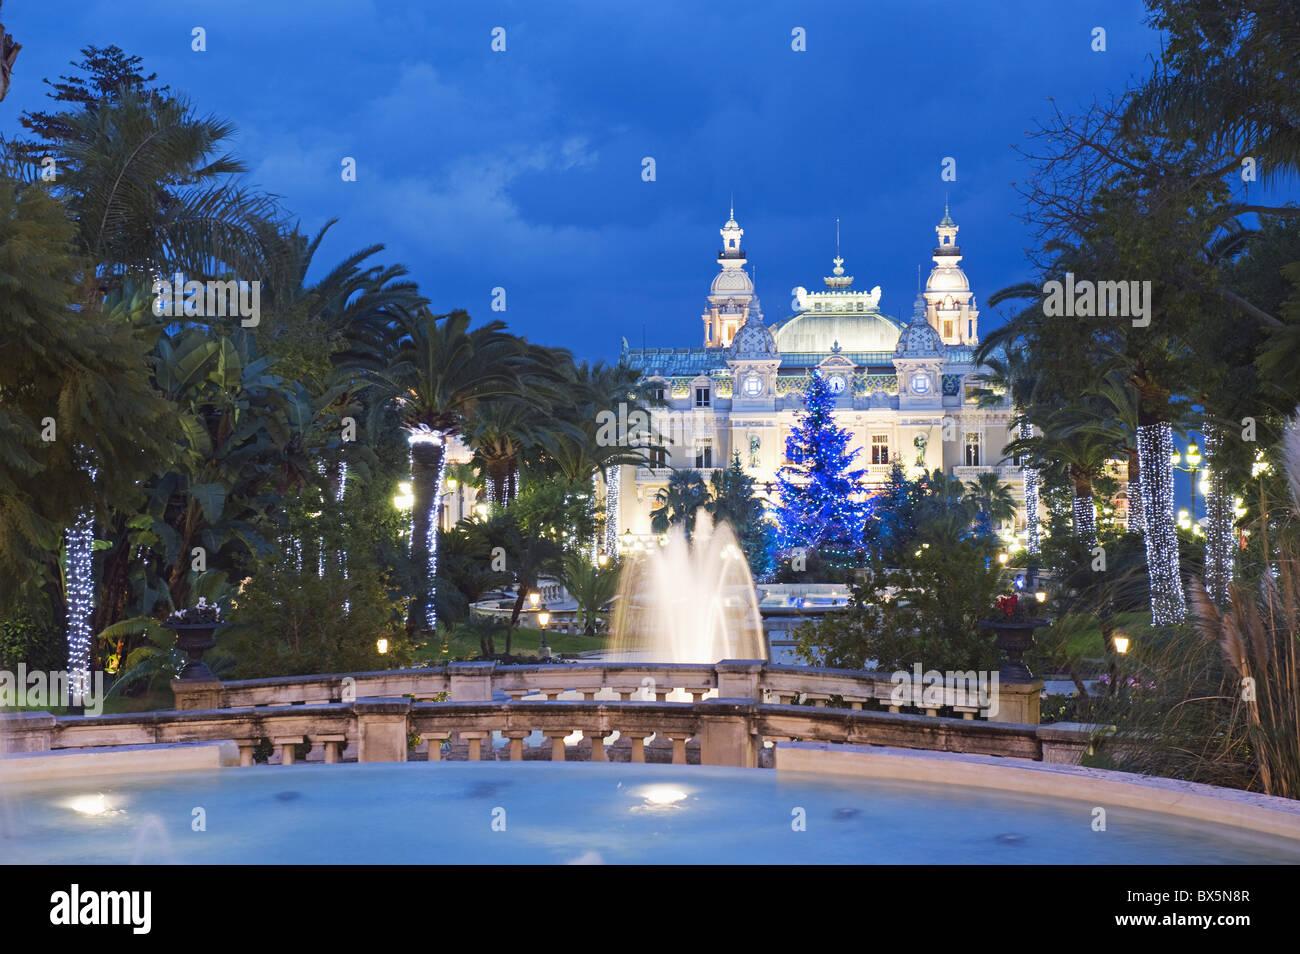 Monte Carlo Casino, Monte Carlo, Principality of Monaco, Cote d'Azur, Europe - Stock Image